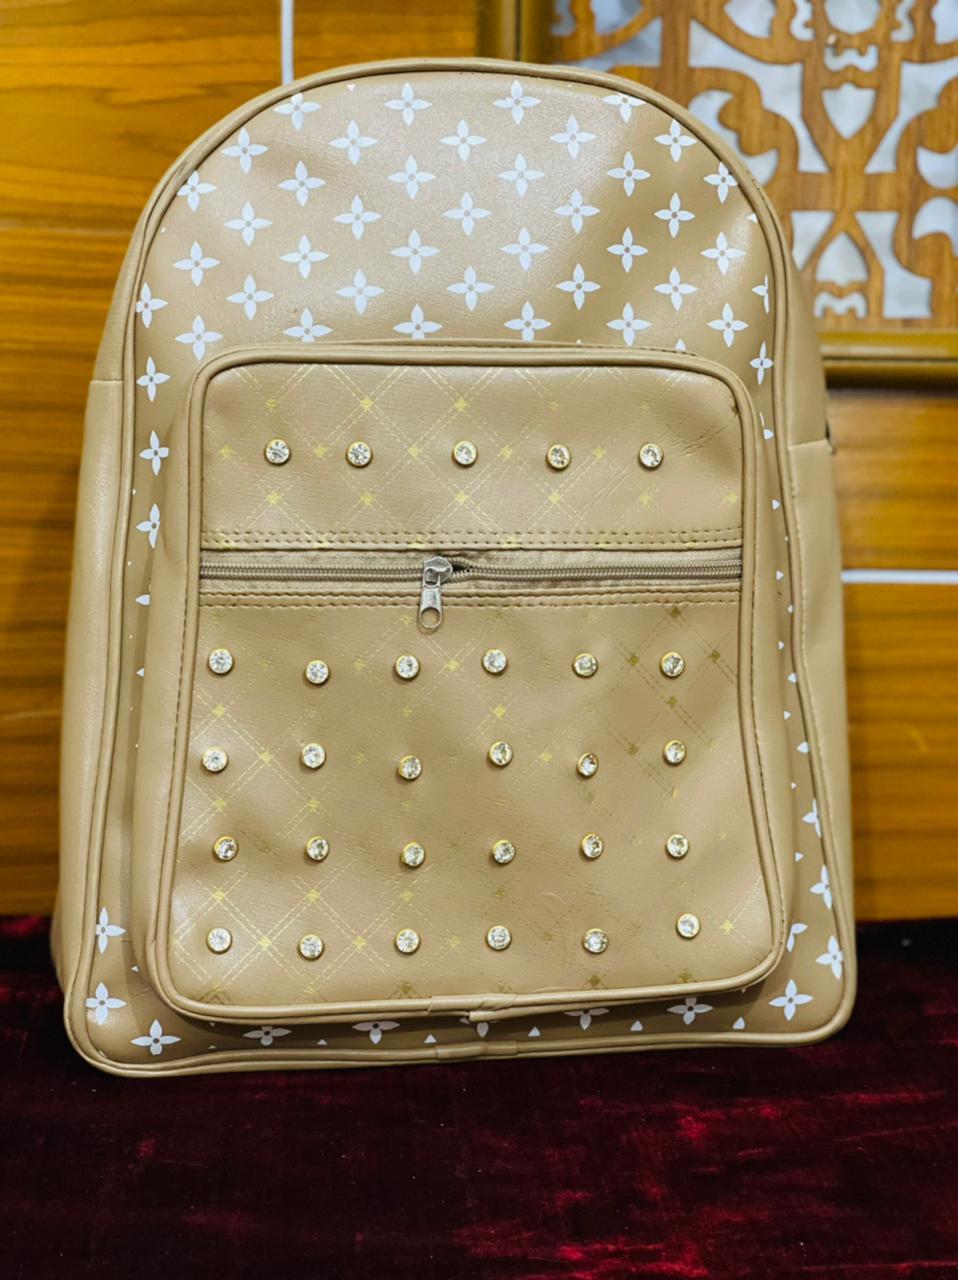 Girls College Backpack/Stylish Shoulder Bag/School Bag/Fashion Travel Bag/bags for girls School/school bag for girls